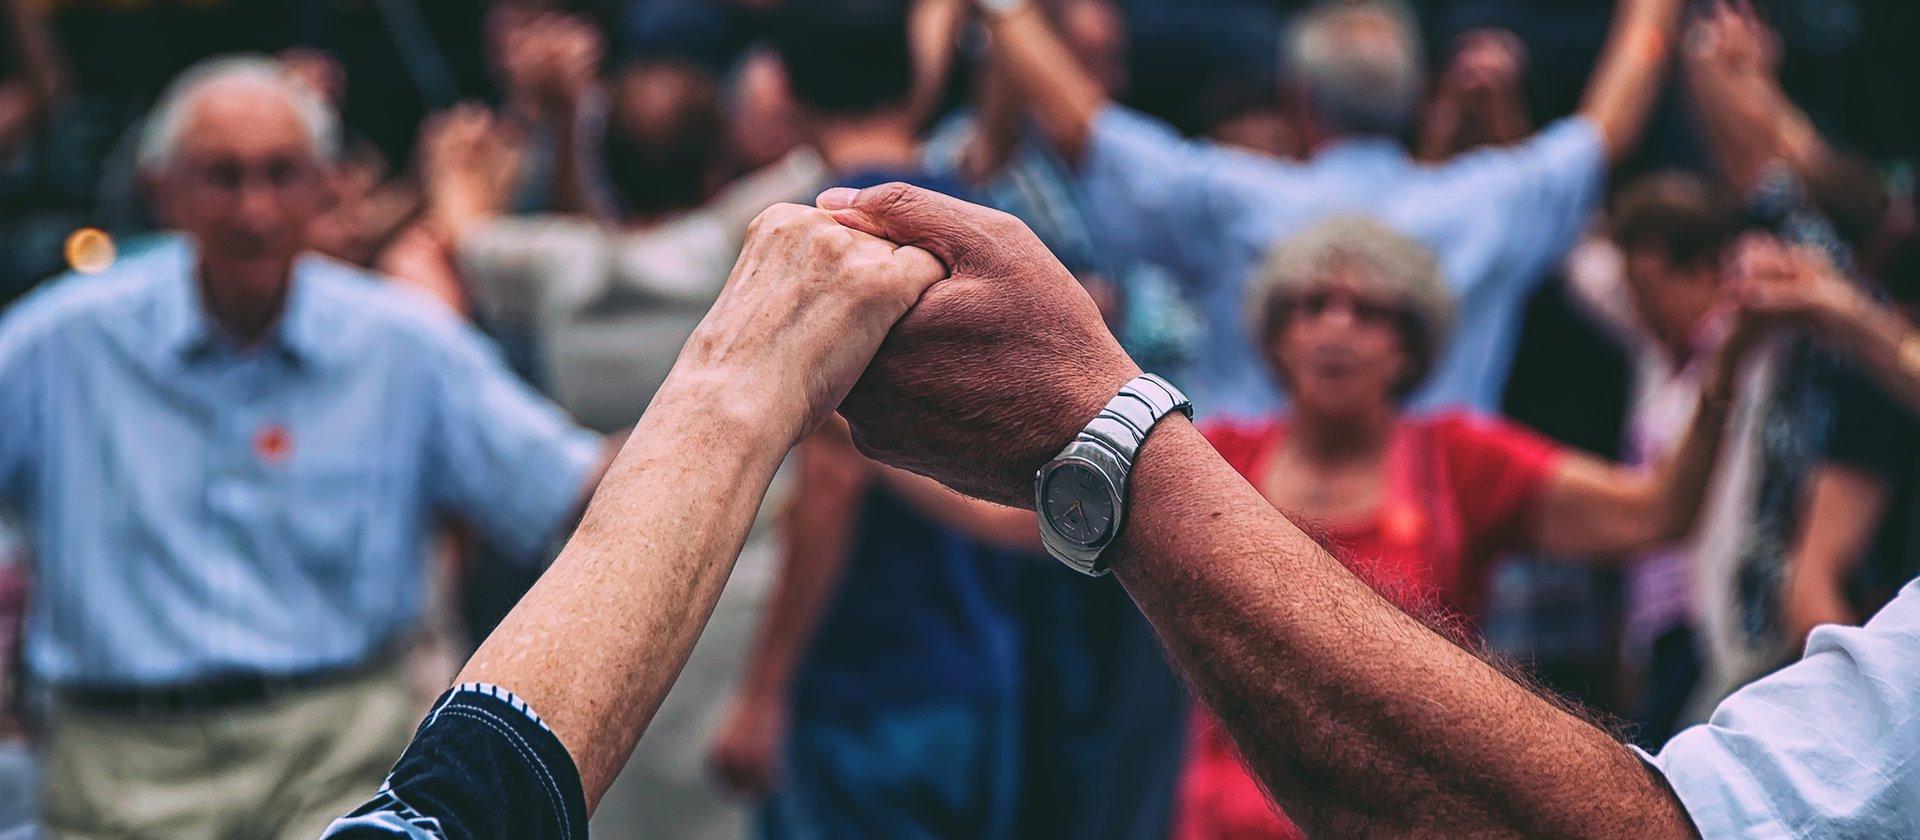 anziani felici ballano w